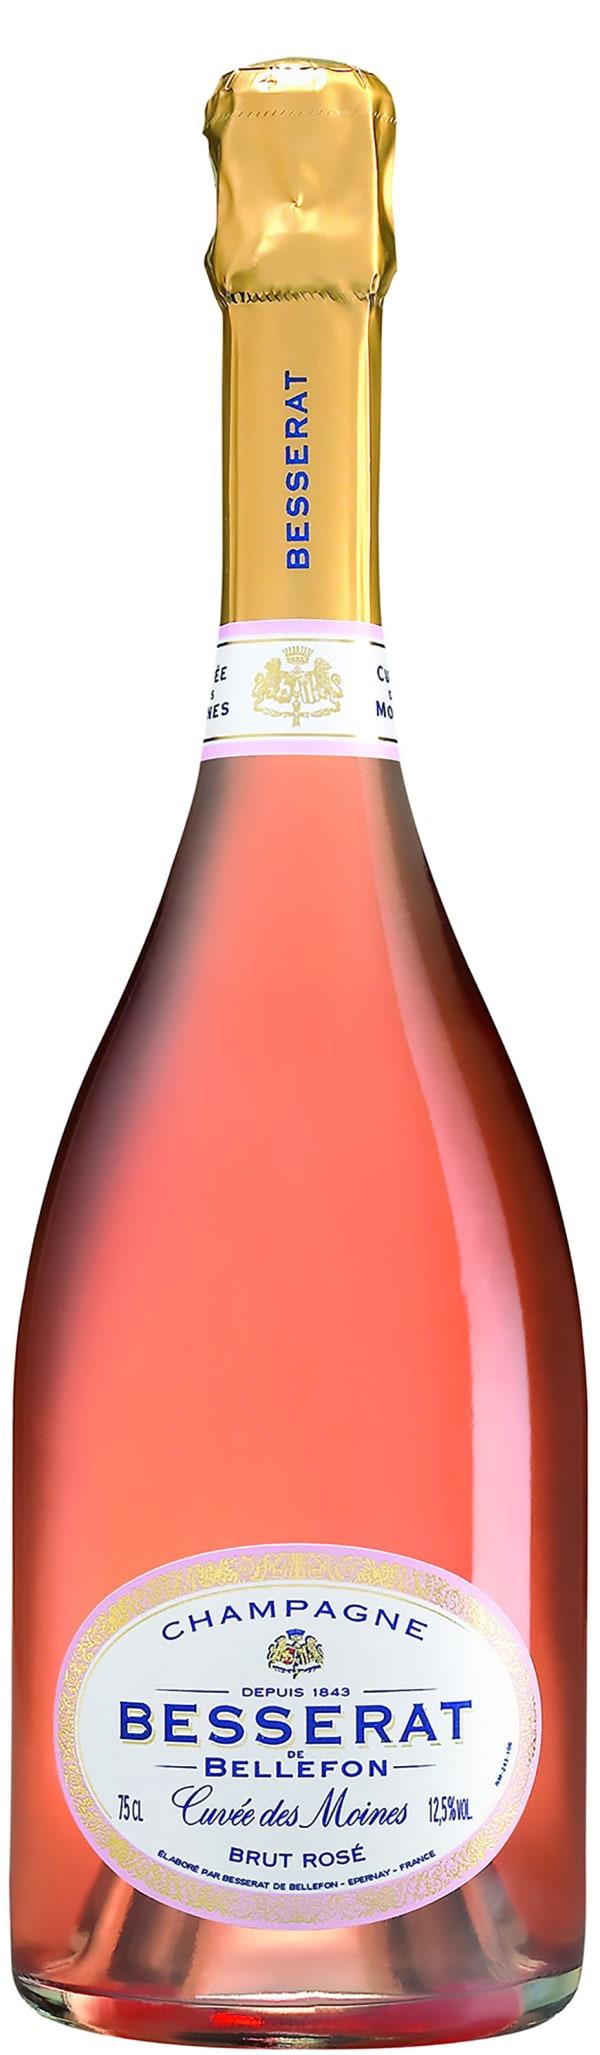 Besserat de Bellefon Cuvée des Moines Rosé Champagne Brut